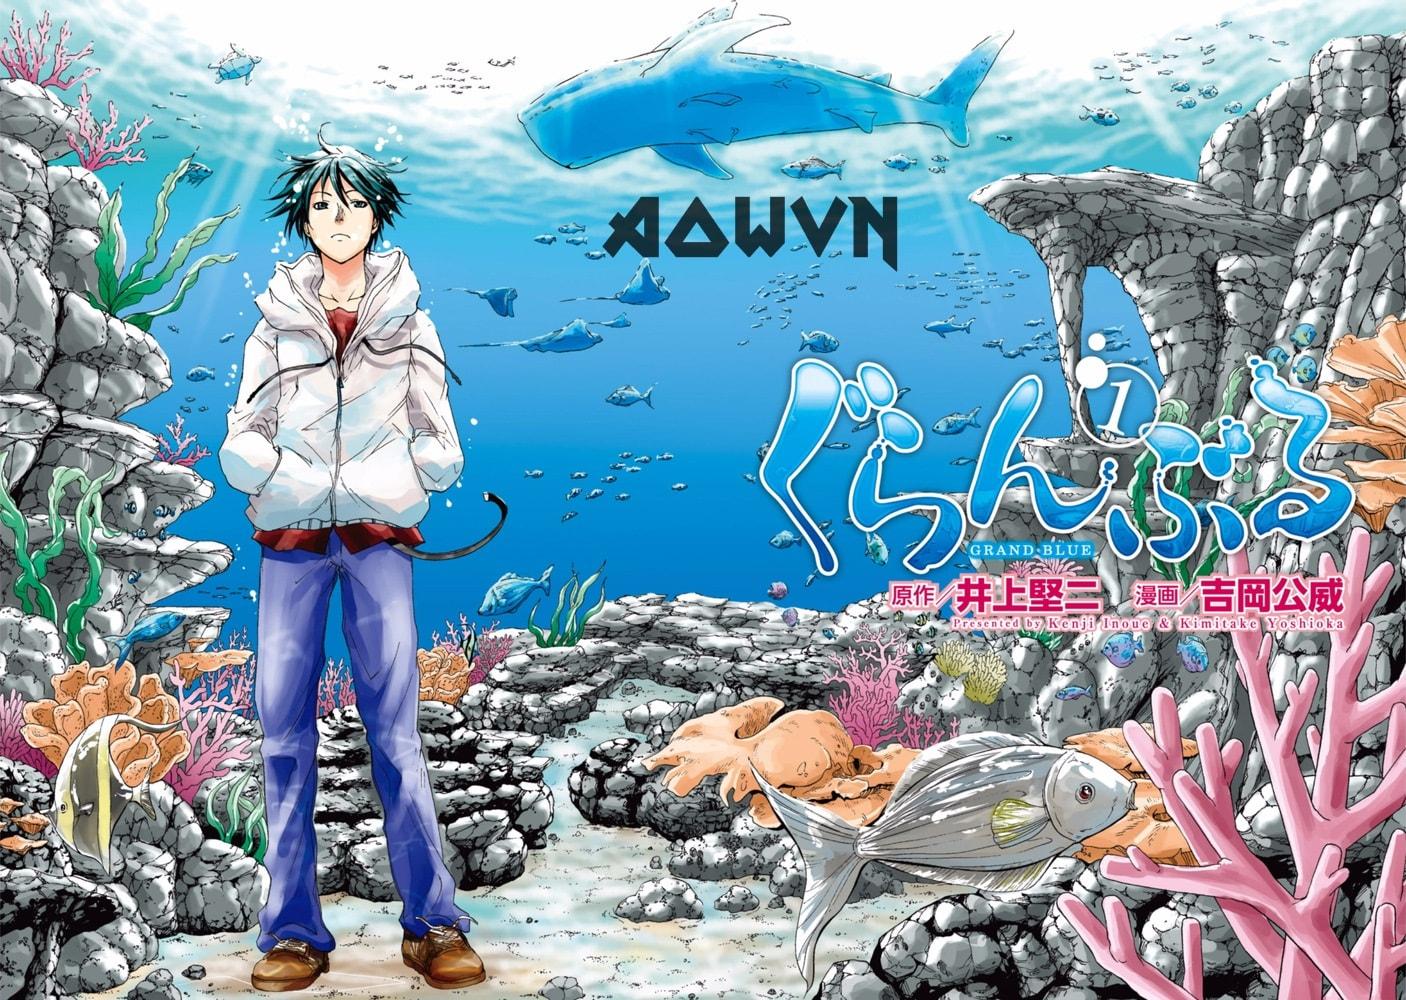 Grand%2BBlue%2B %2BPhatpro%2B%25282%2529 min - [ Anime 3gp Mp4 ] Grand Blue | Vietsub - Siêu Bựa - Cười Đau Bụng - Mùa Hè Mát Rượi!